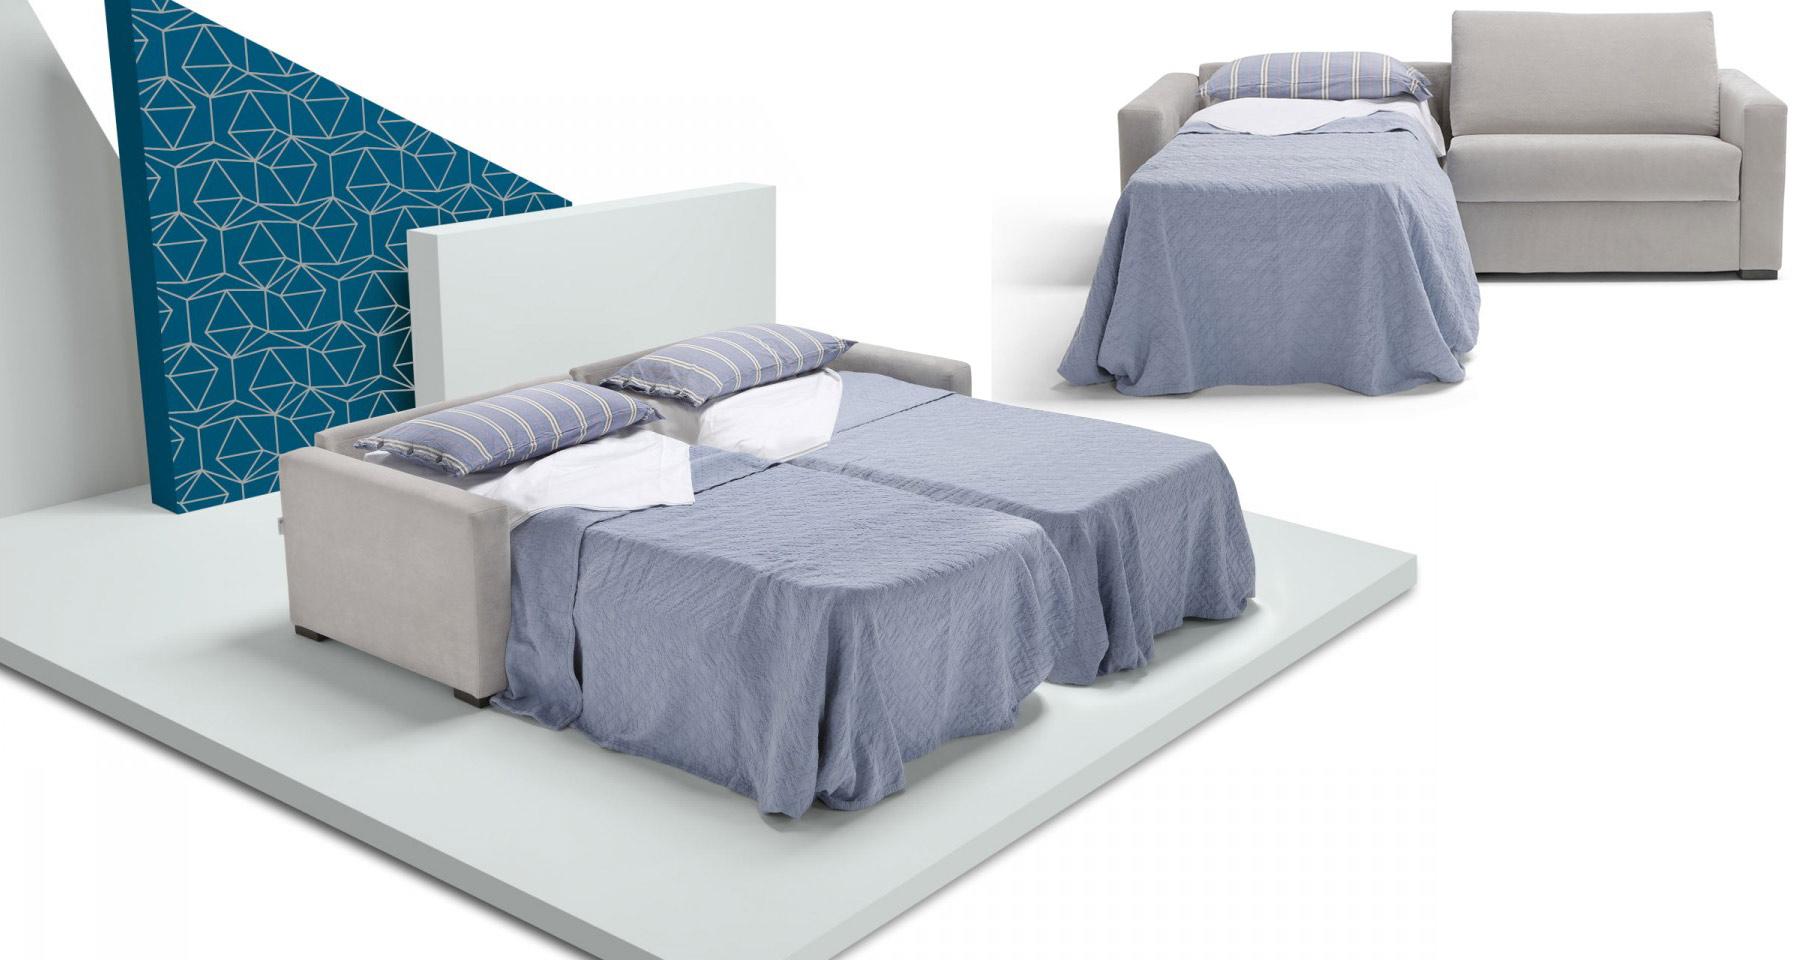 Canapé lit double Eindhoven